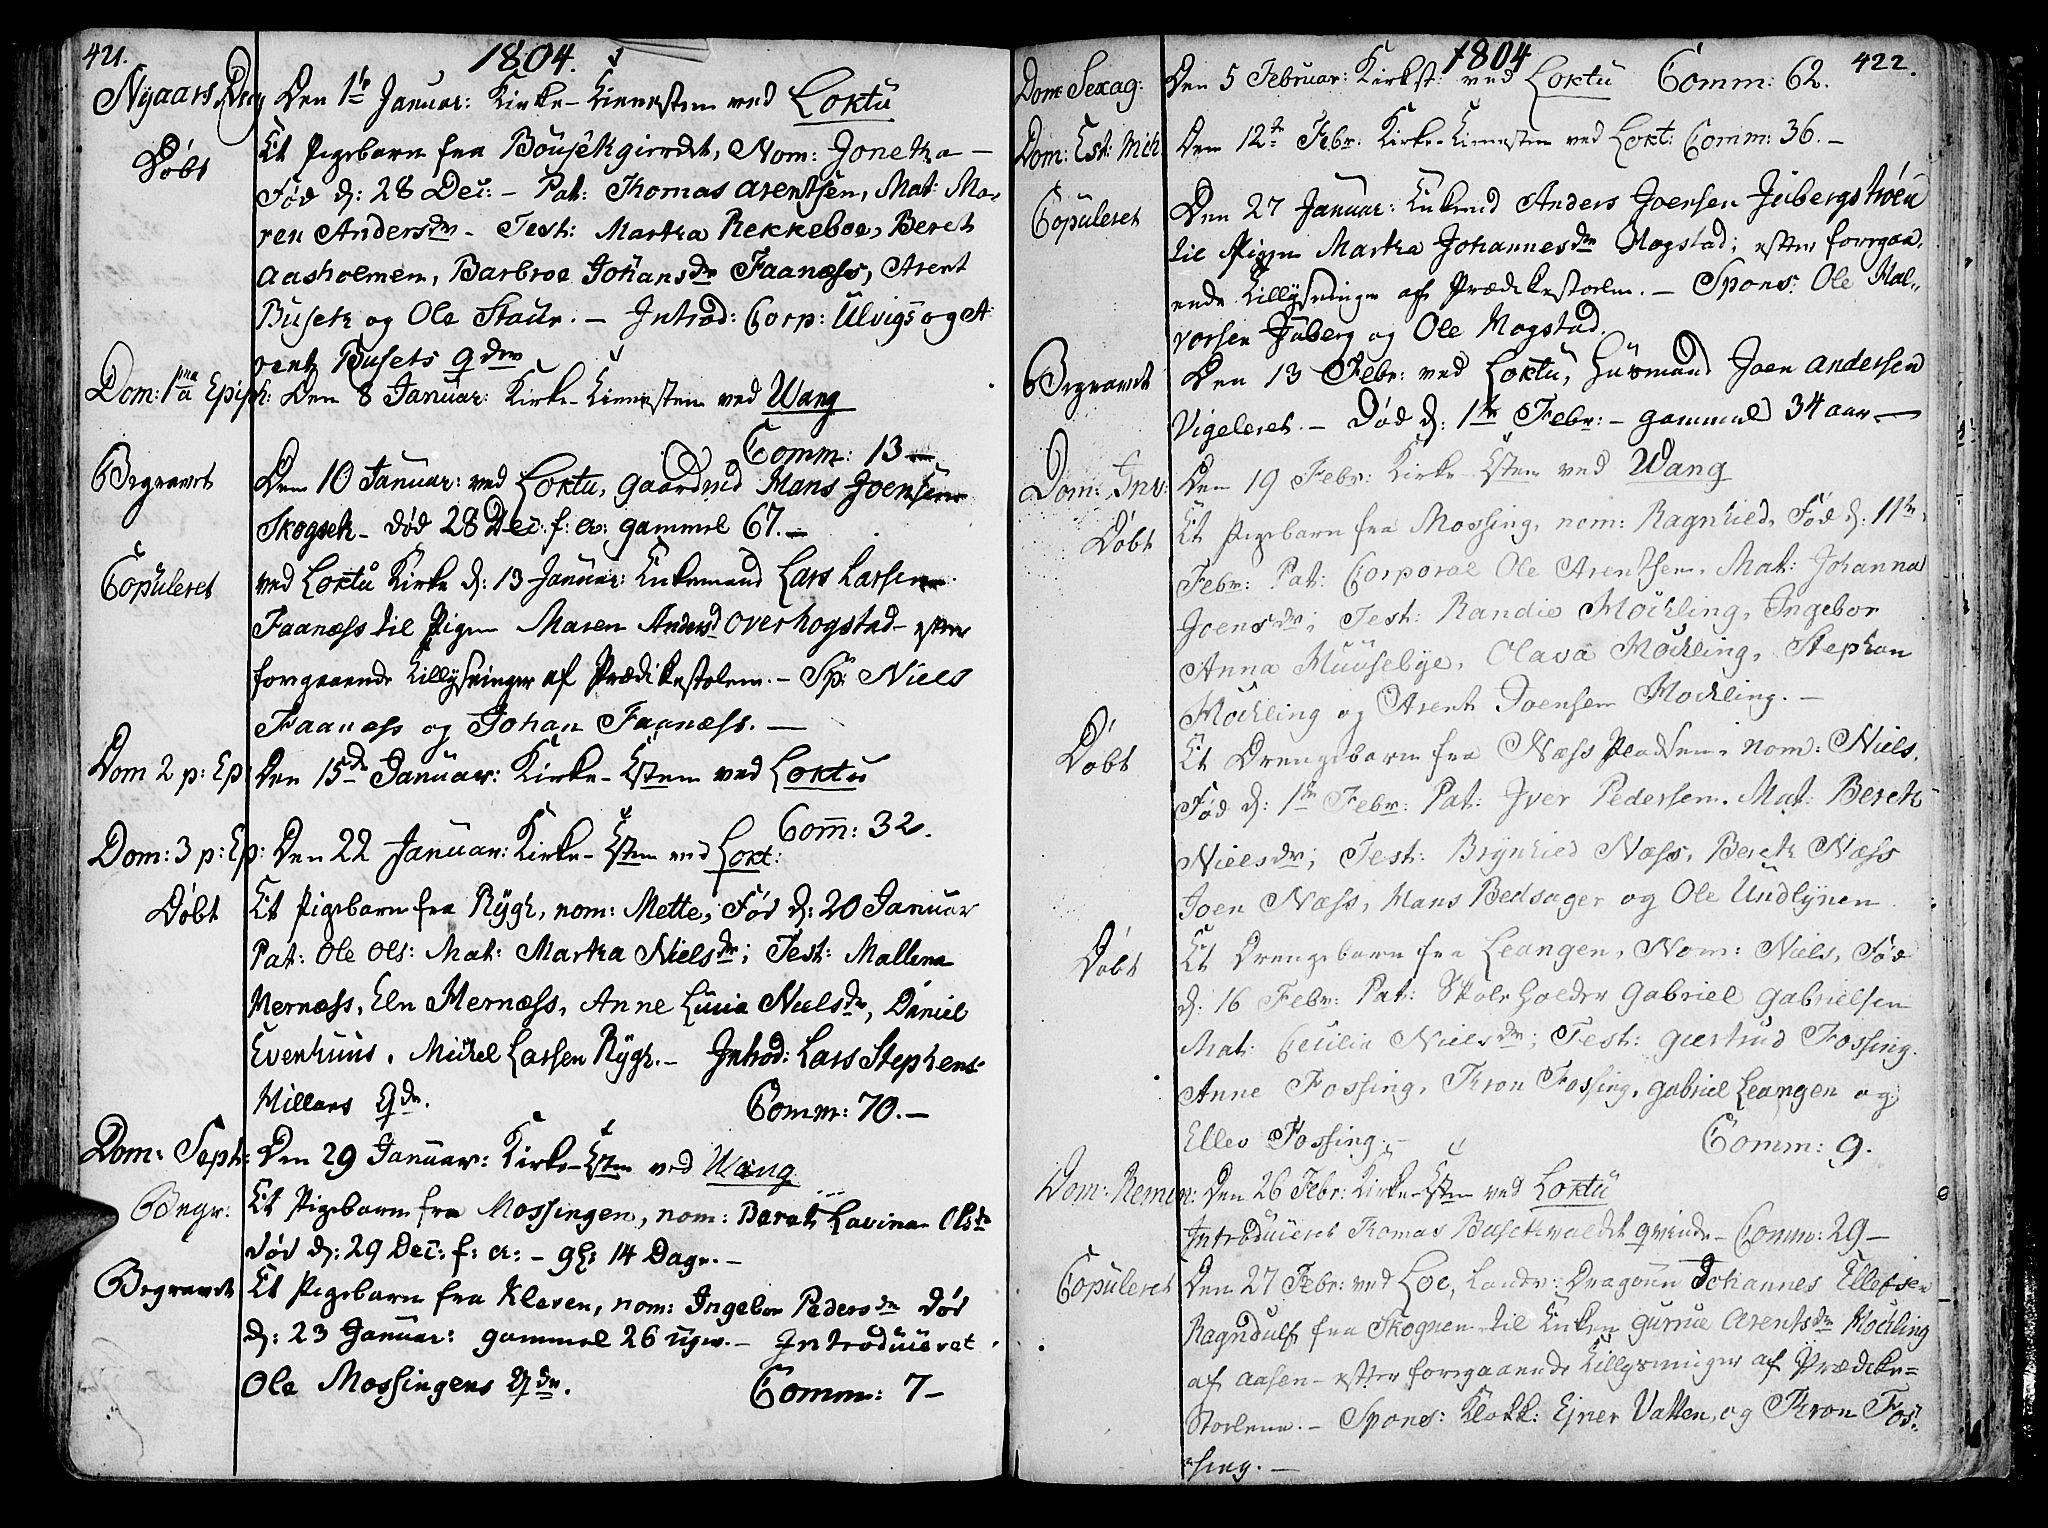 SAT, Ministerialprotokoller, klokkerbøker og fødselsregistre - Nord-Trøndelag, 713/L0110: Ministerialbok nr. 713A02, 1778-1811, s. 421-422